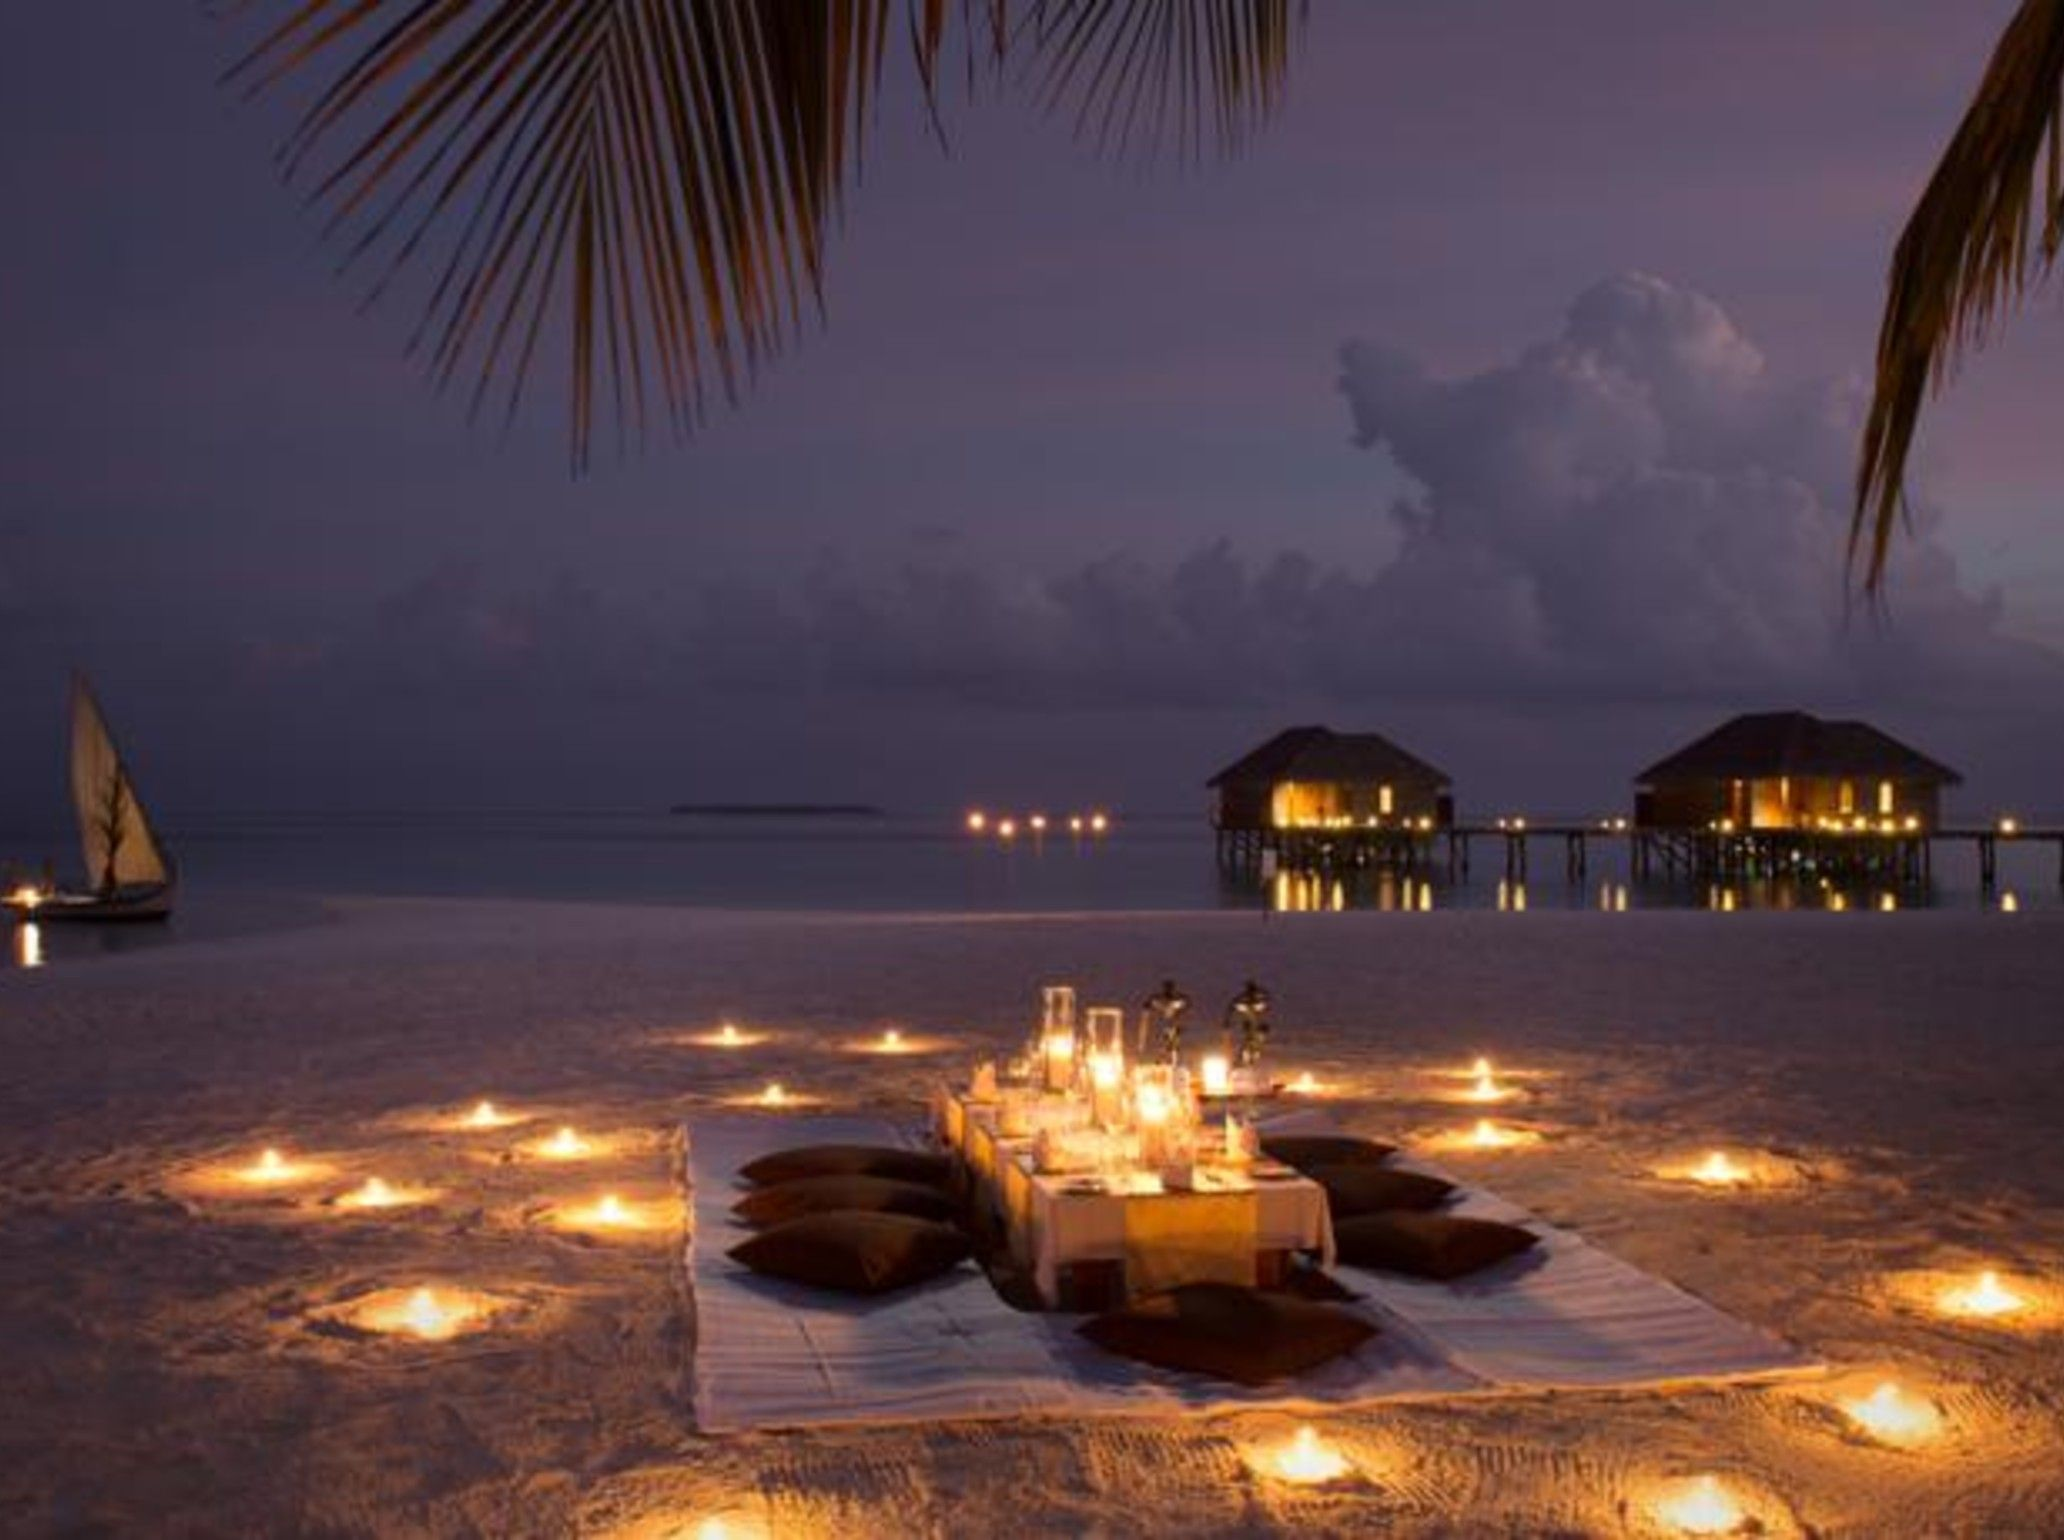 Malediven: Tipps für das Paradies #dreamdates